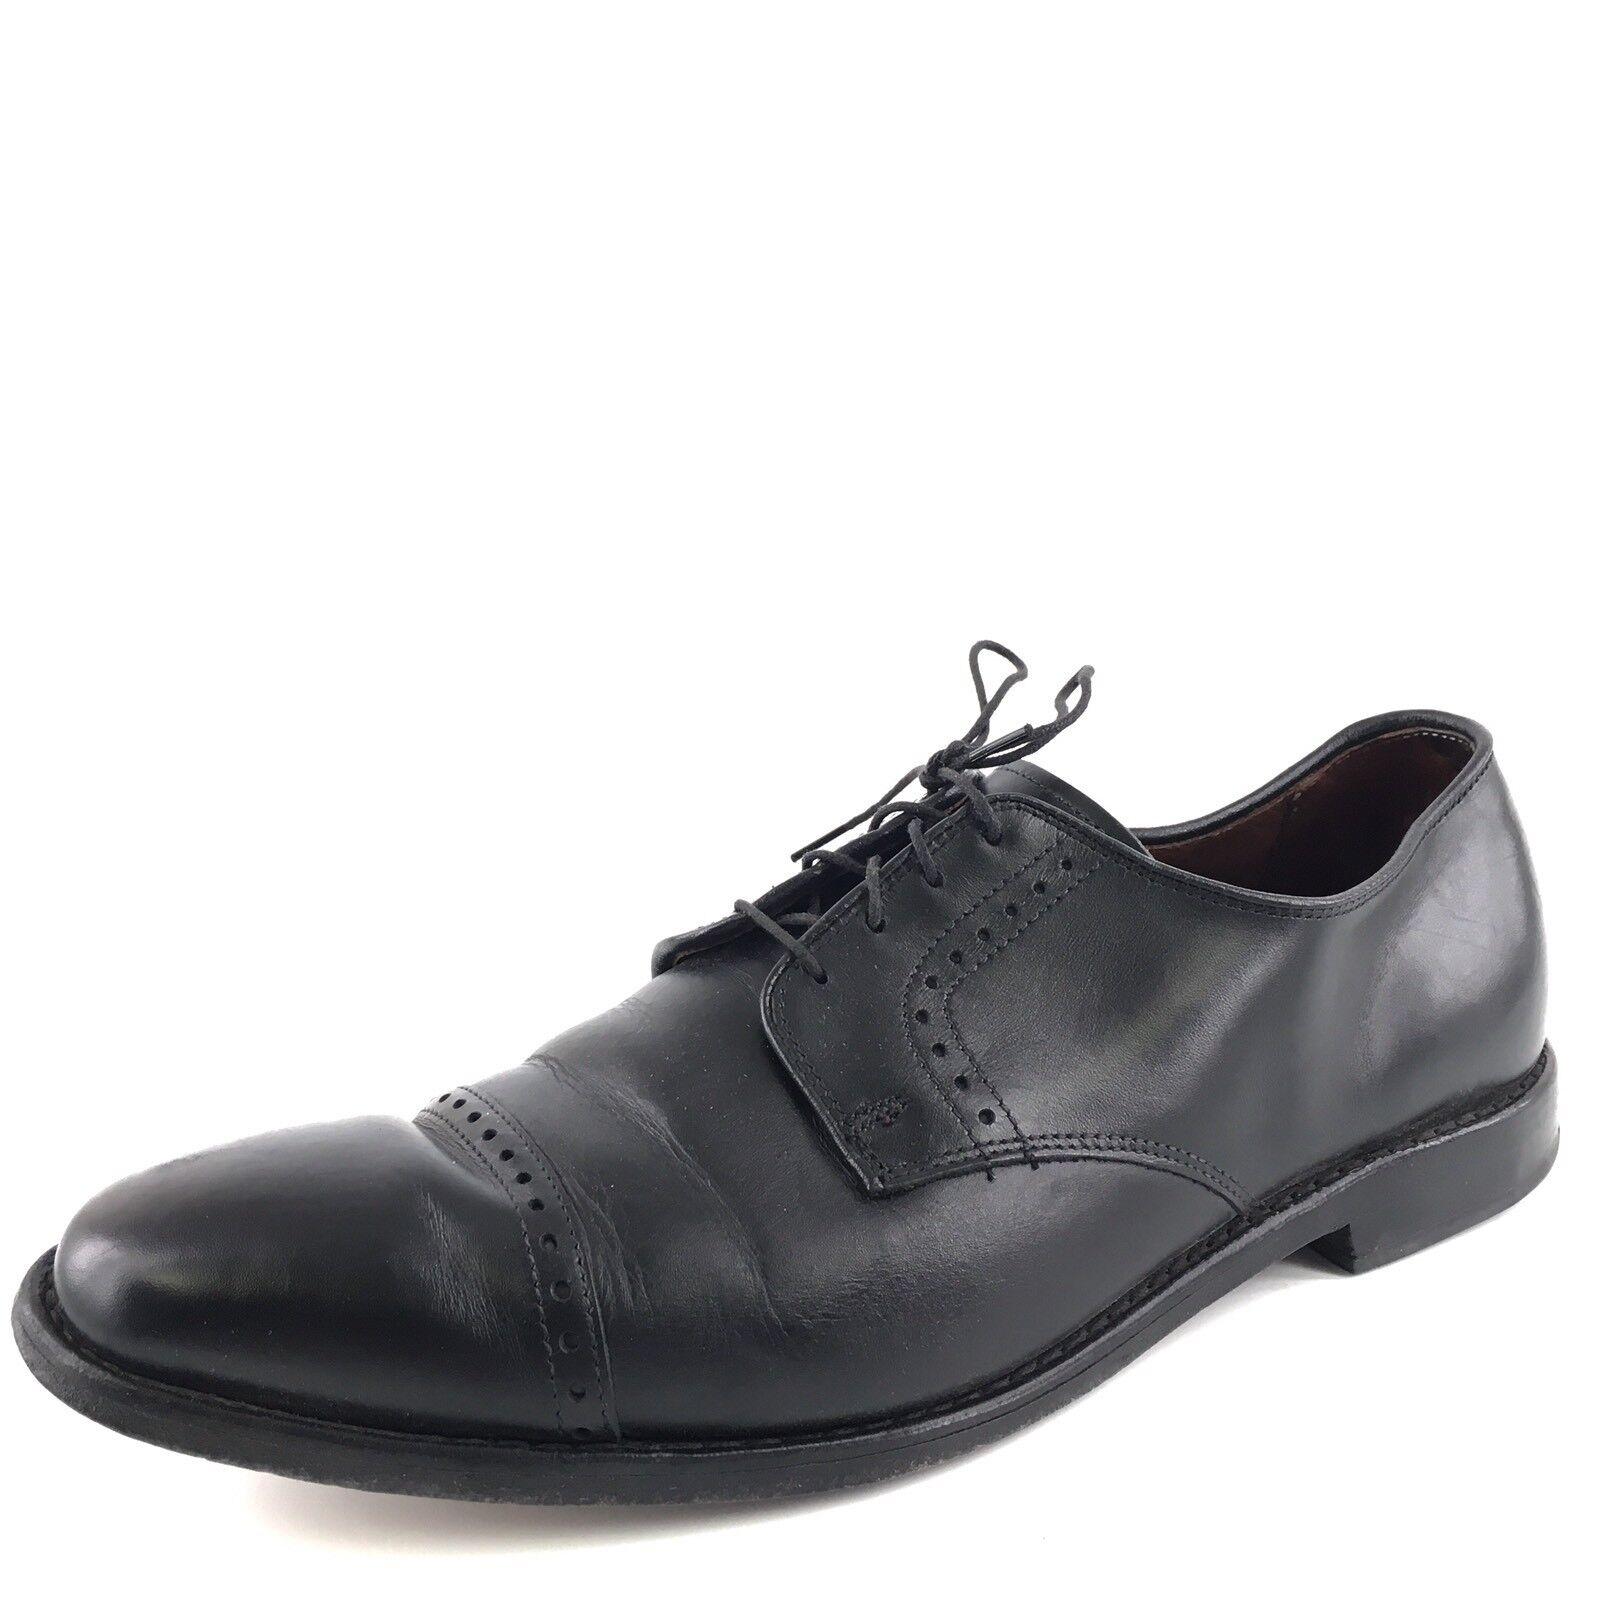 Allen Edmonds Clifton Black Leather Captoe Oxfords shoes Men's Size 11.5 M